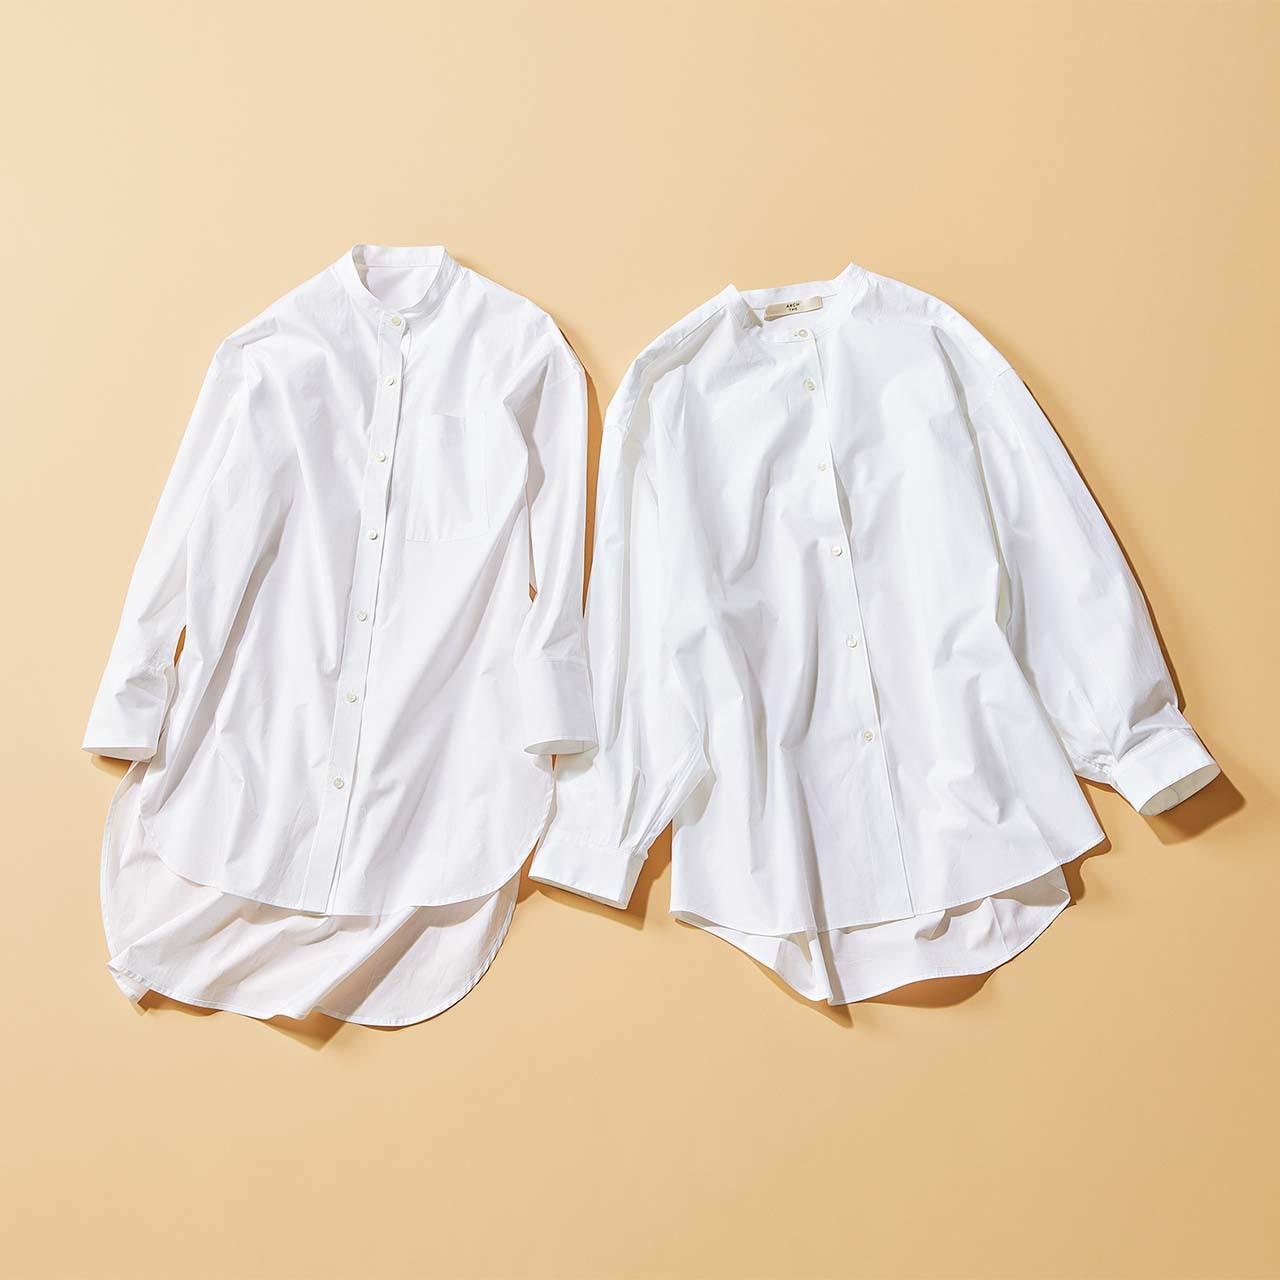 バンドカラーの白シャツ2枚